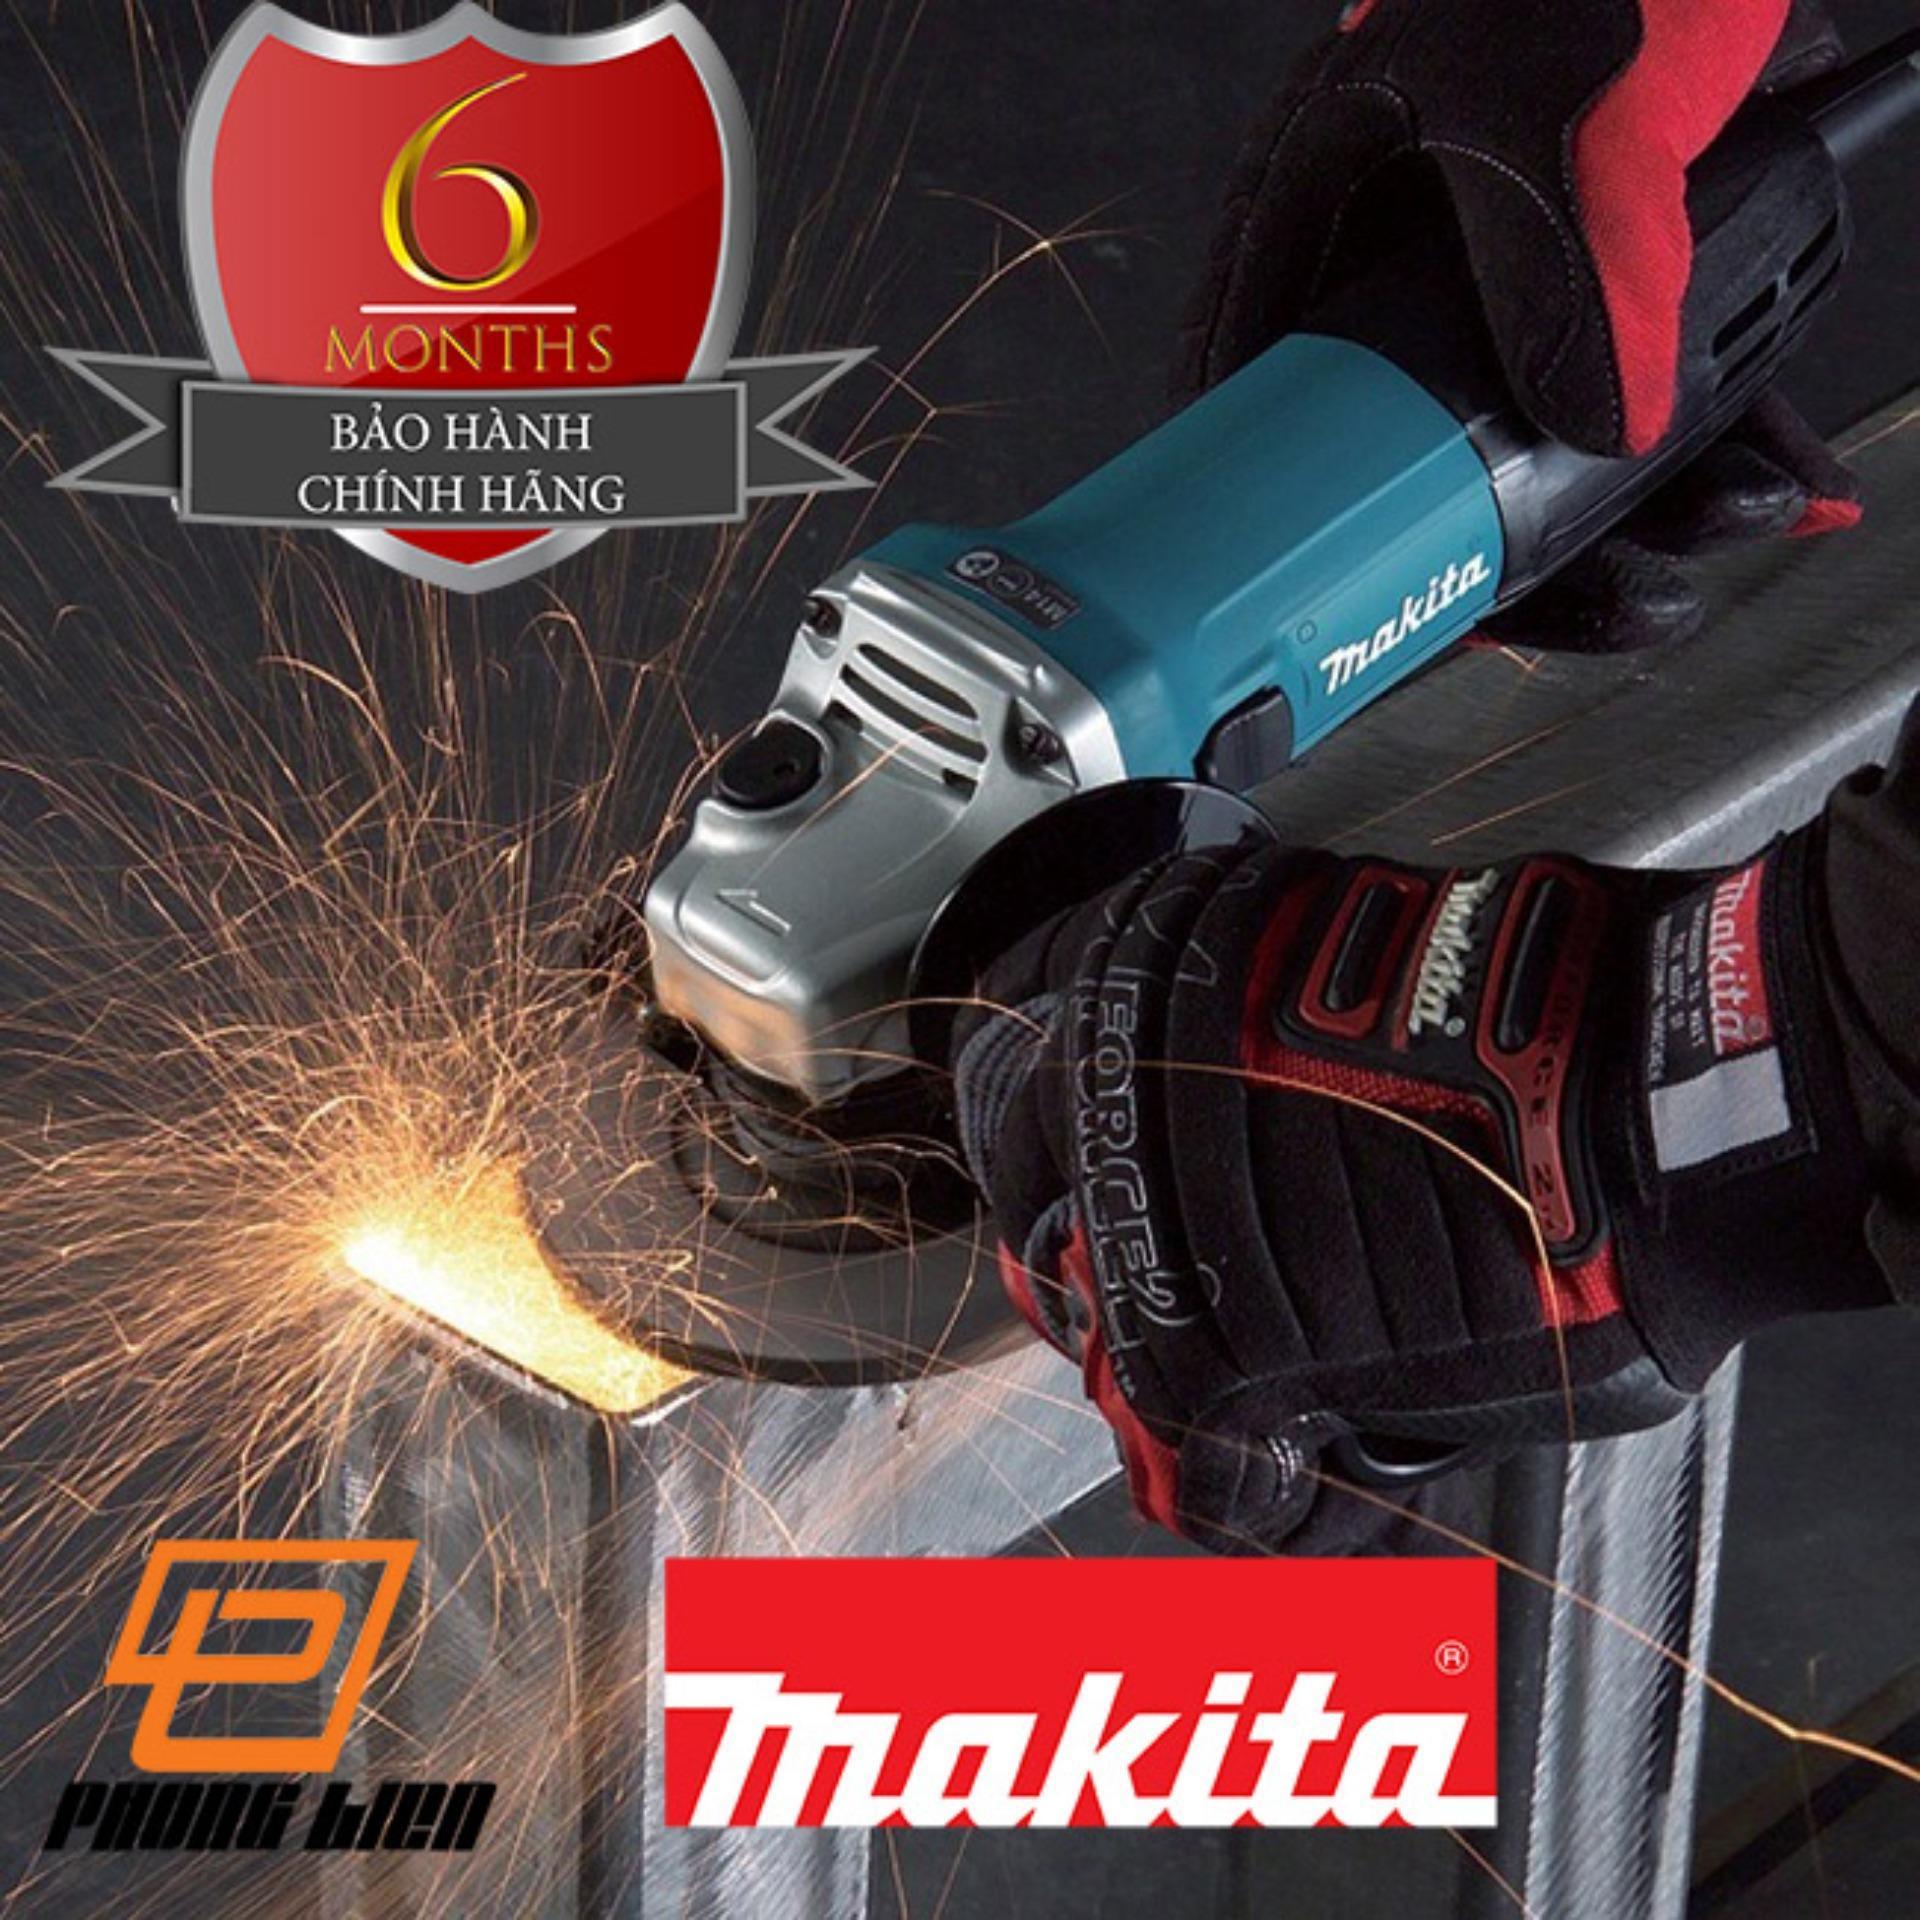 Máy mài góc Makita GA6020 công suất 1050W dùng đá cắt 150mm